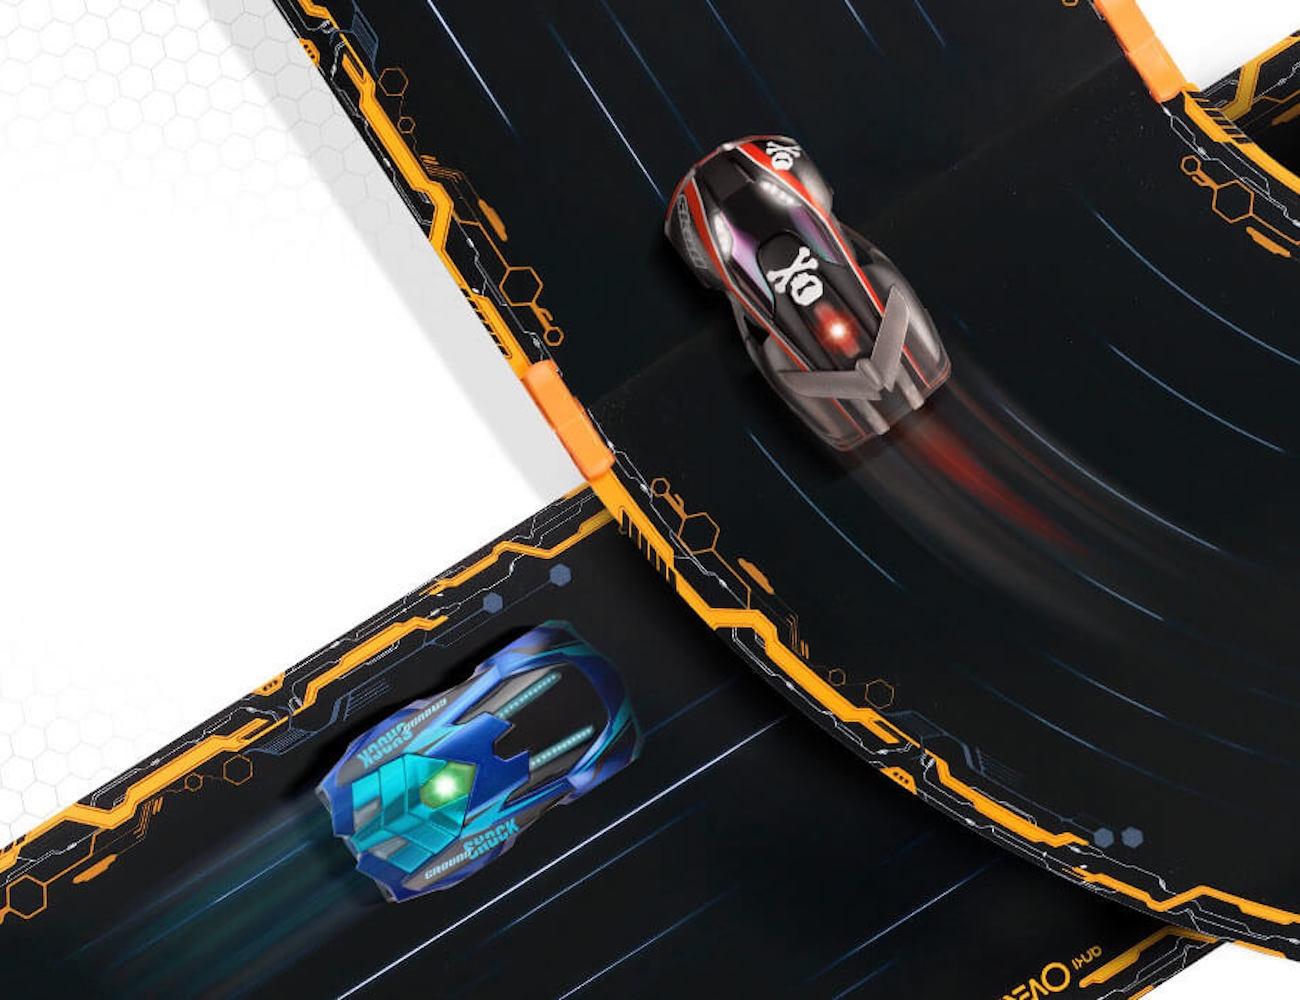 anki-overdrive-racetrack-starter-kit-03